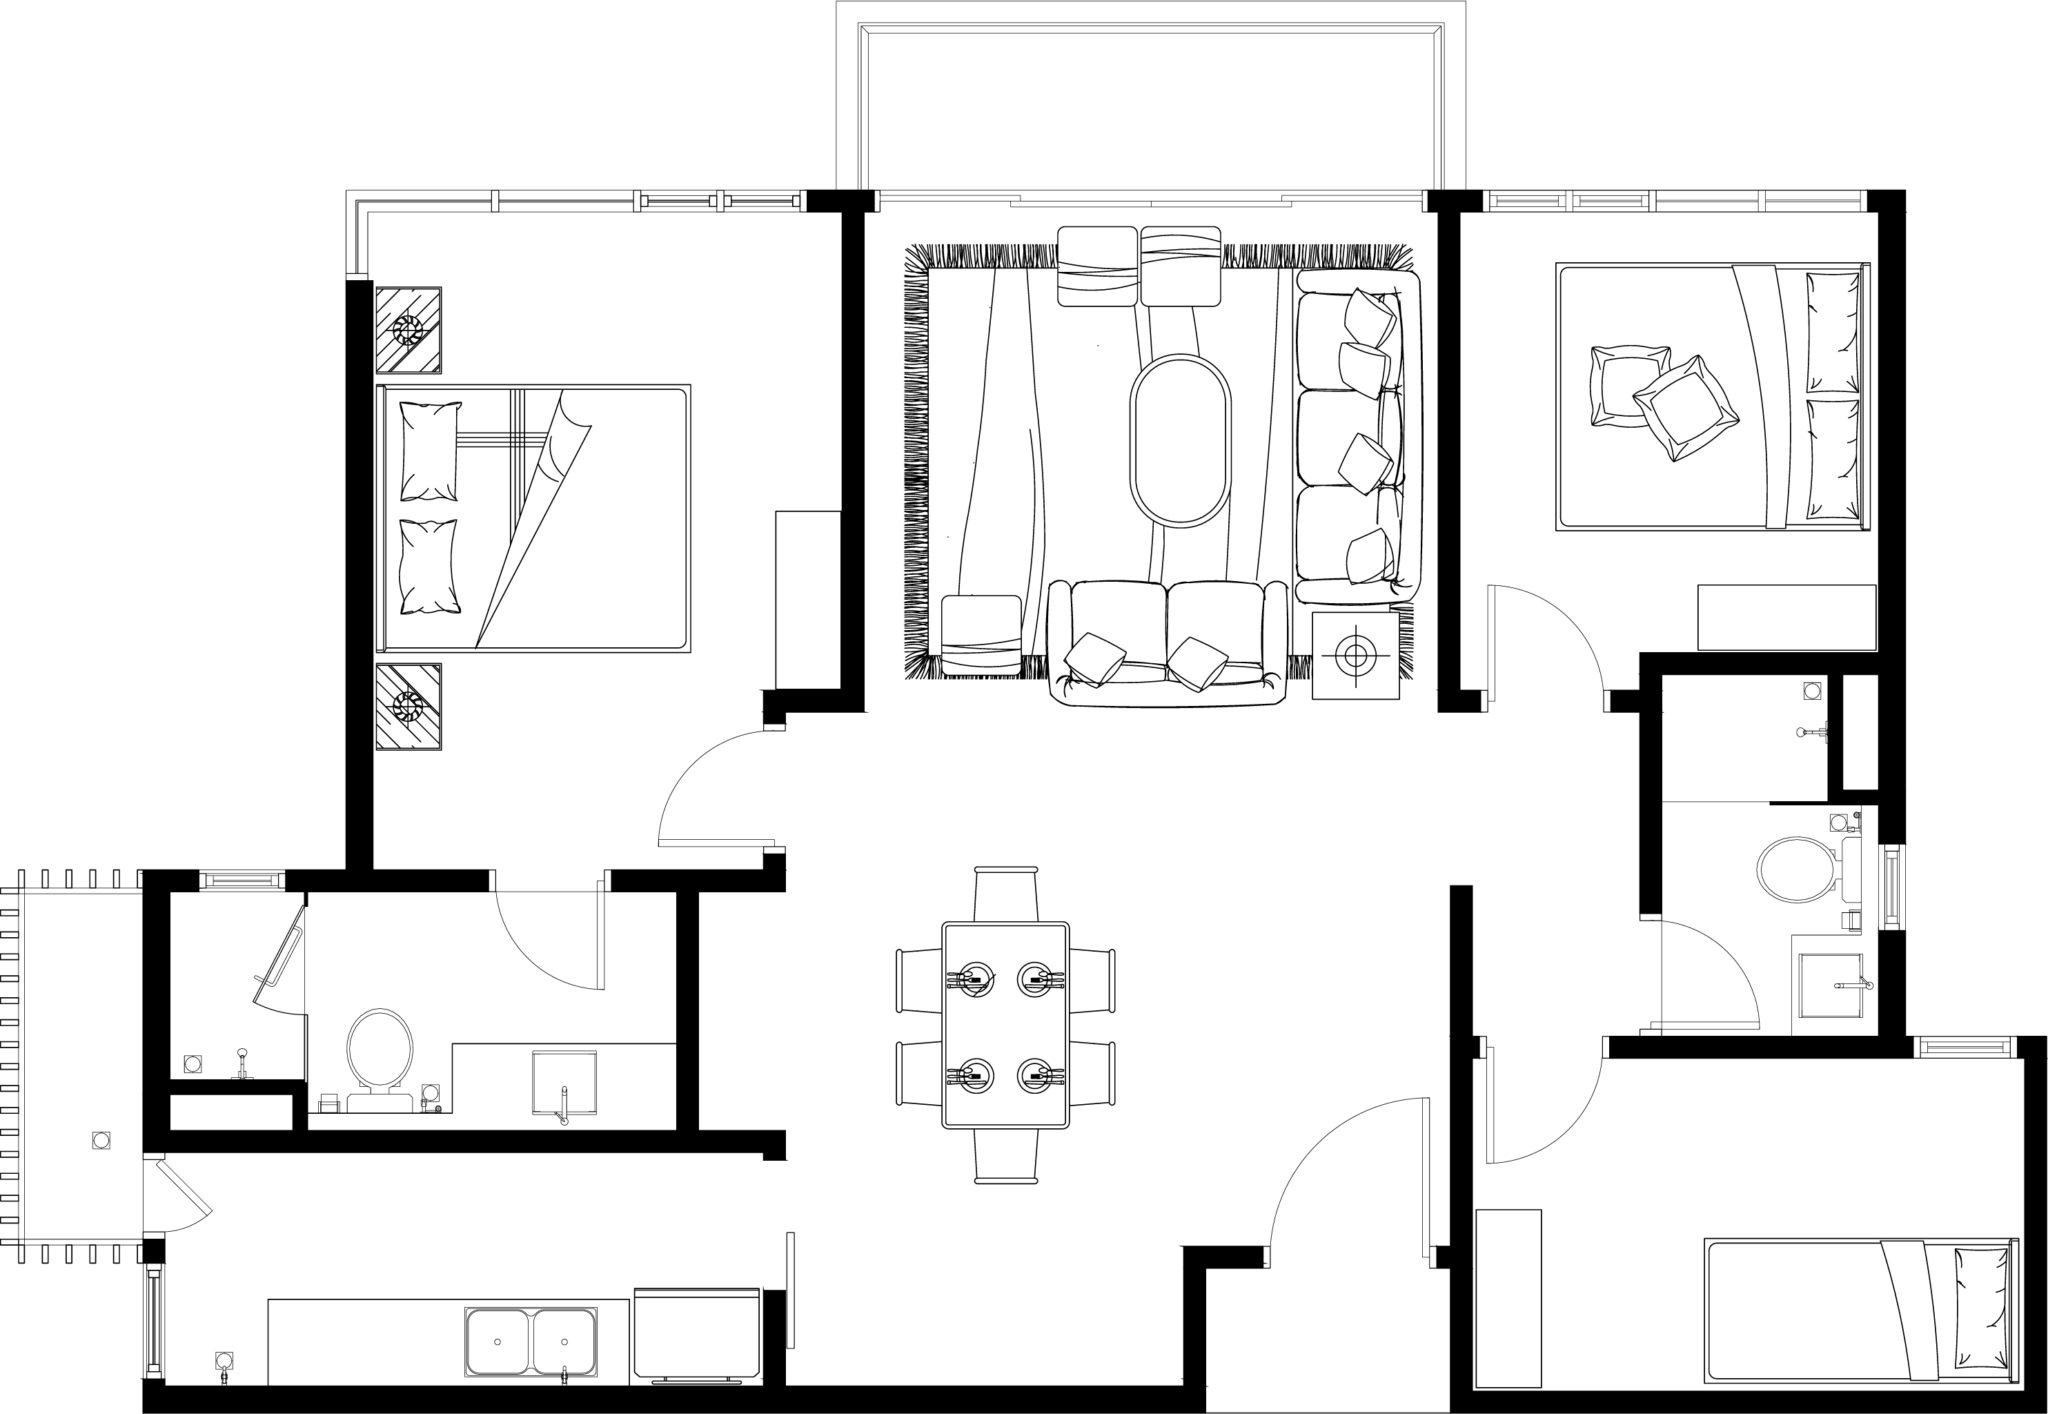 Wohnraummietvertrag - Einbeziehung einer Dielenfläche in Gesamtmietfläche